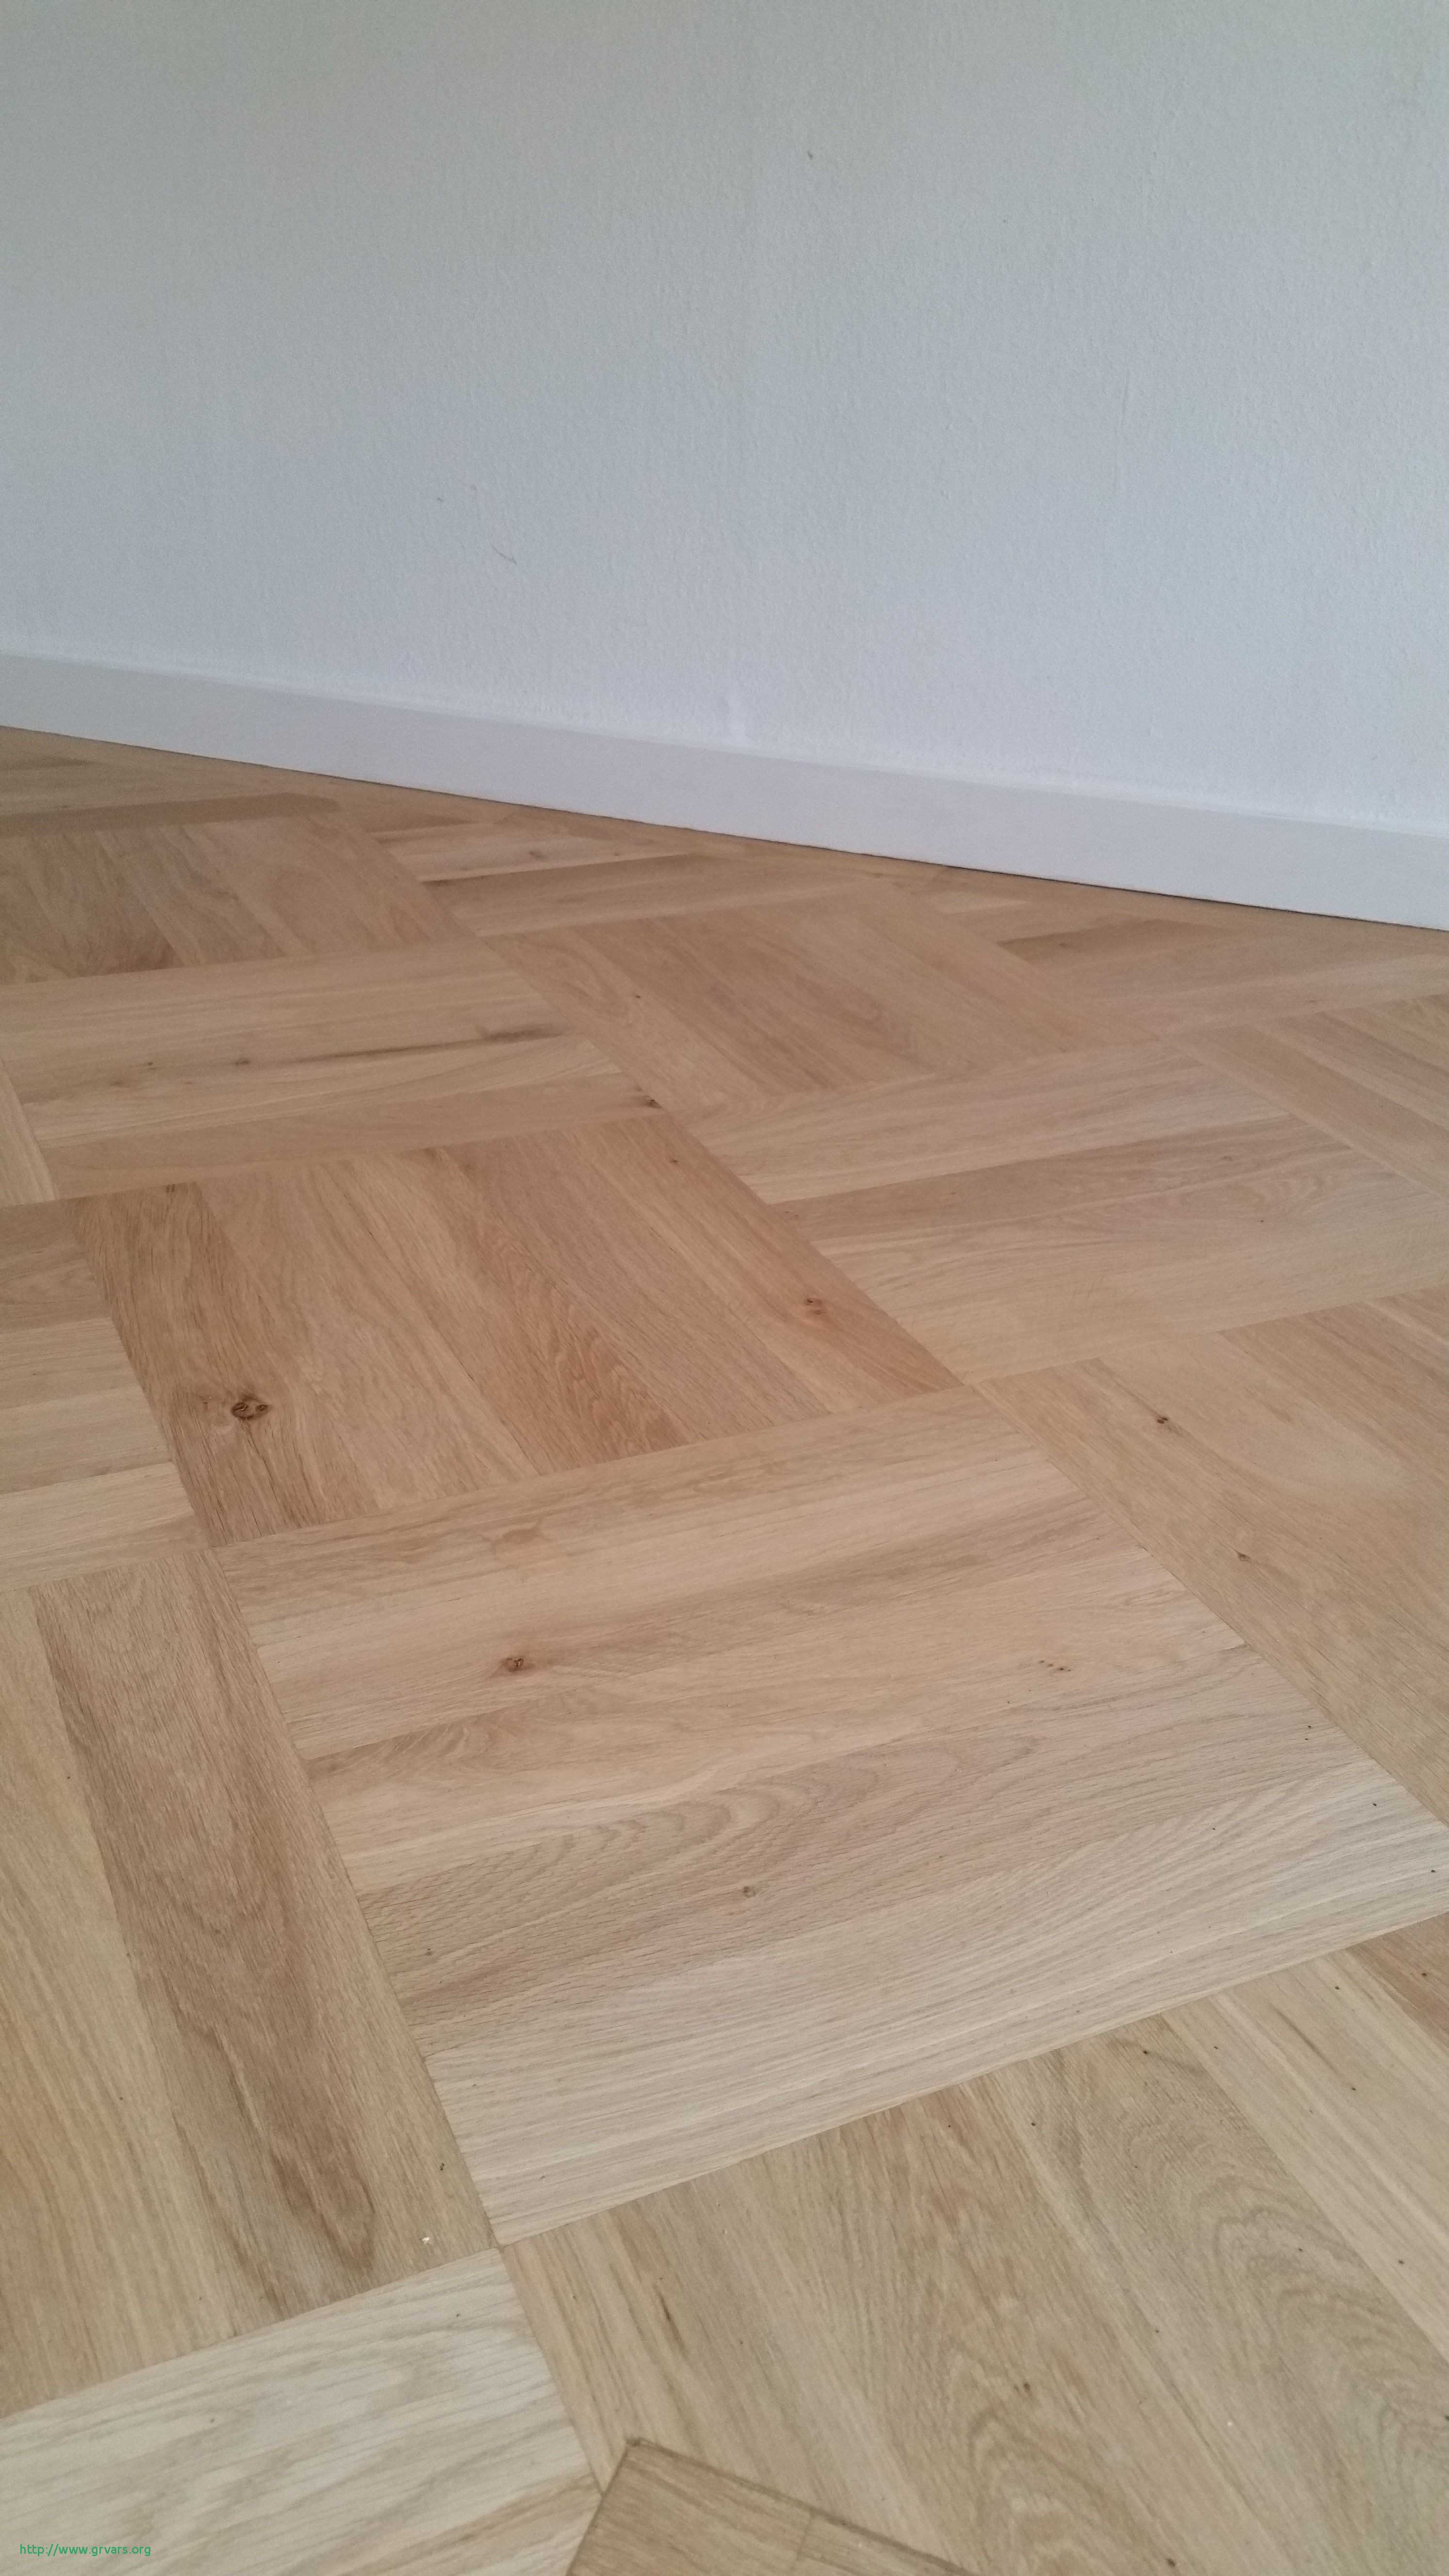 hardwood floors winston salem of hardwood floor sanders 20 nouveau hazy hardwood floors dahuacctvth regarding hardwood floor sanders 20 nouveau hazy hardwood floors